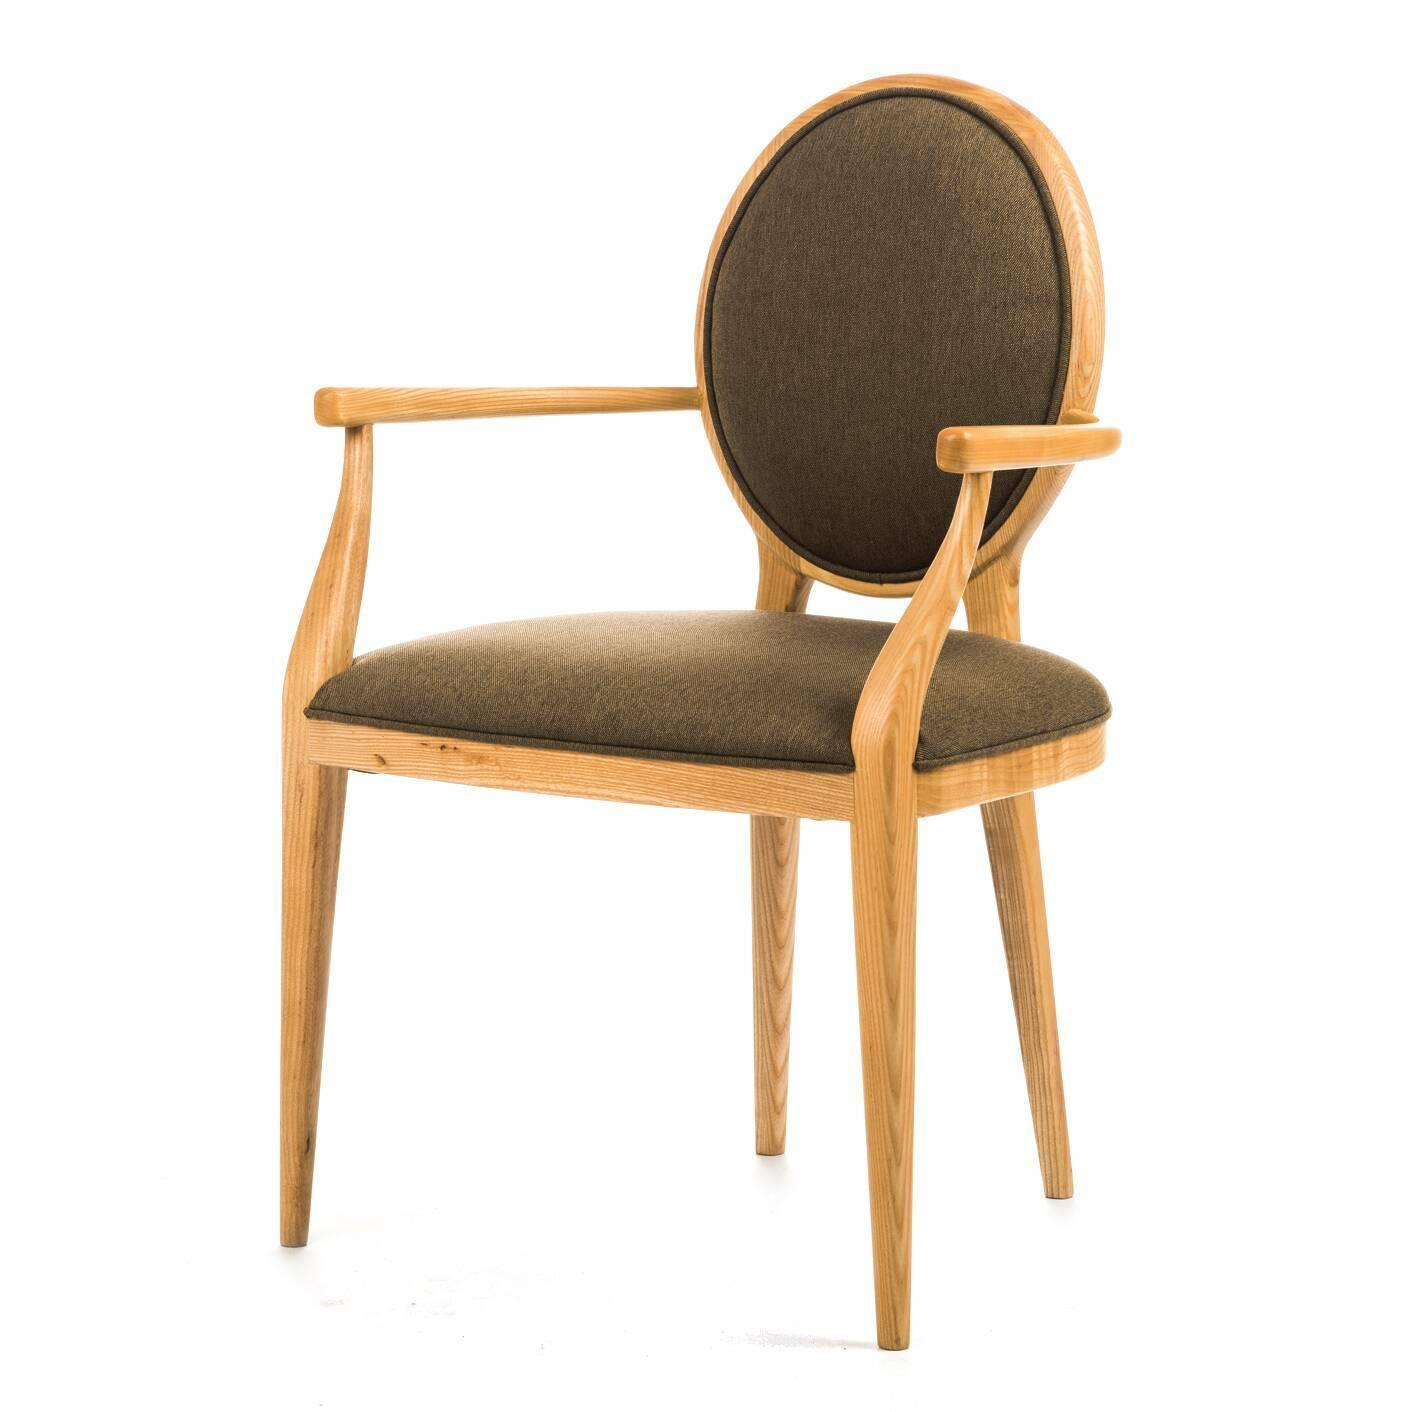 Стул Laval с подлокотникамиИнтерьерные<br>Дизайнерский стул Laval (Лавал) с круглой спинкой из дерева с подлокотниками и тканевой обивкой от Stellar works от Stellar works (Стеллар Воркс).<br><br><br> Бренд Stellar Works специализируется на создании мебели в различной, мультинациональной стилистике. Французский шик, китайская традиционность, итальянская страсть, скандинавский минимализм... На сей раз дизайнеры представили модель кресла по французским мотивам. <br> <br> Коллекция явилась плодом совместной работы французского производителя мебел...<br><br>stock: 0<br>Высота: 85,7<br>Ширина: 56,5<br>Глубина: 50,3<br>Материал каркаса: Массив ясеня<br>Тип материала каркаса: Дерево<br>Цвет сидения: Оливковый<br>Тип материала сидения: Ткань<br>Цвет каркаса: Светло-коричневый